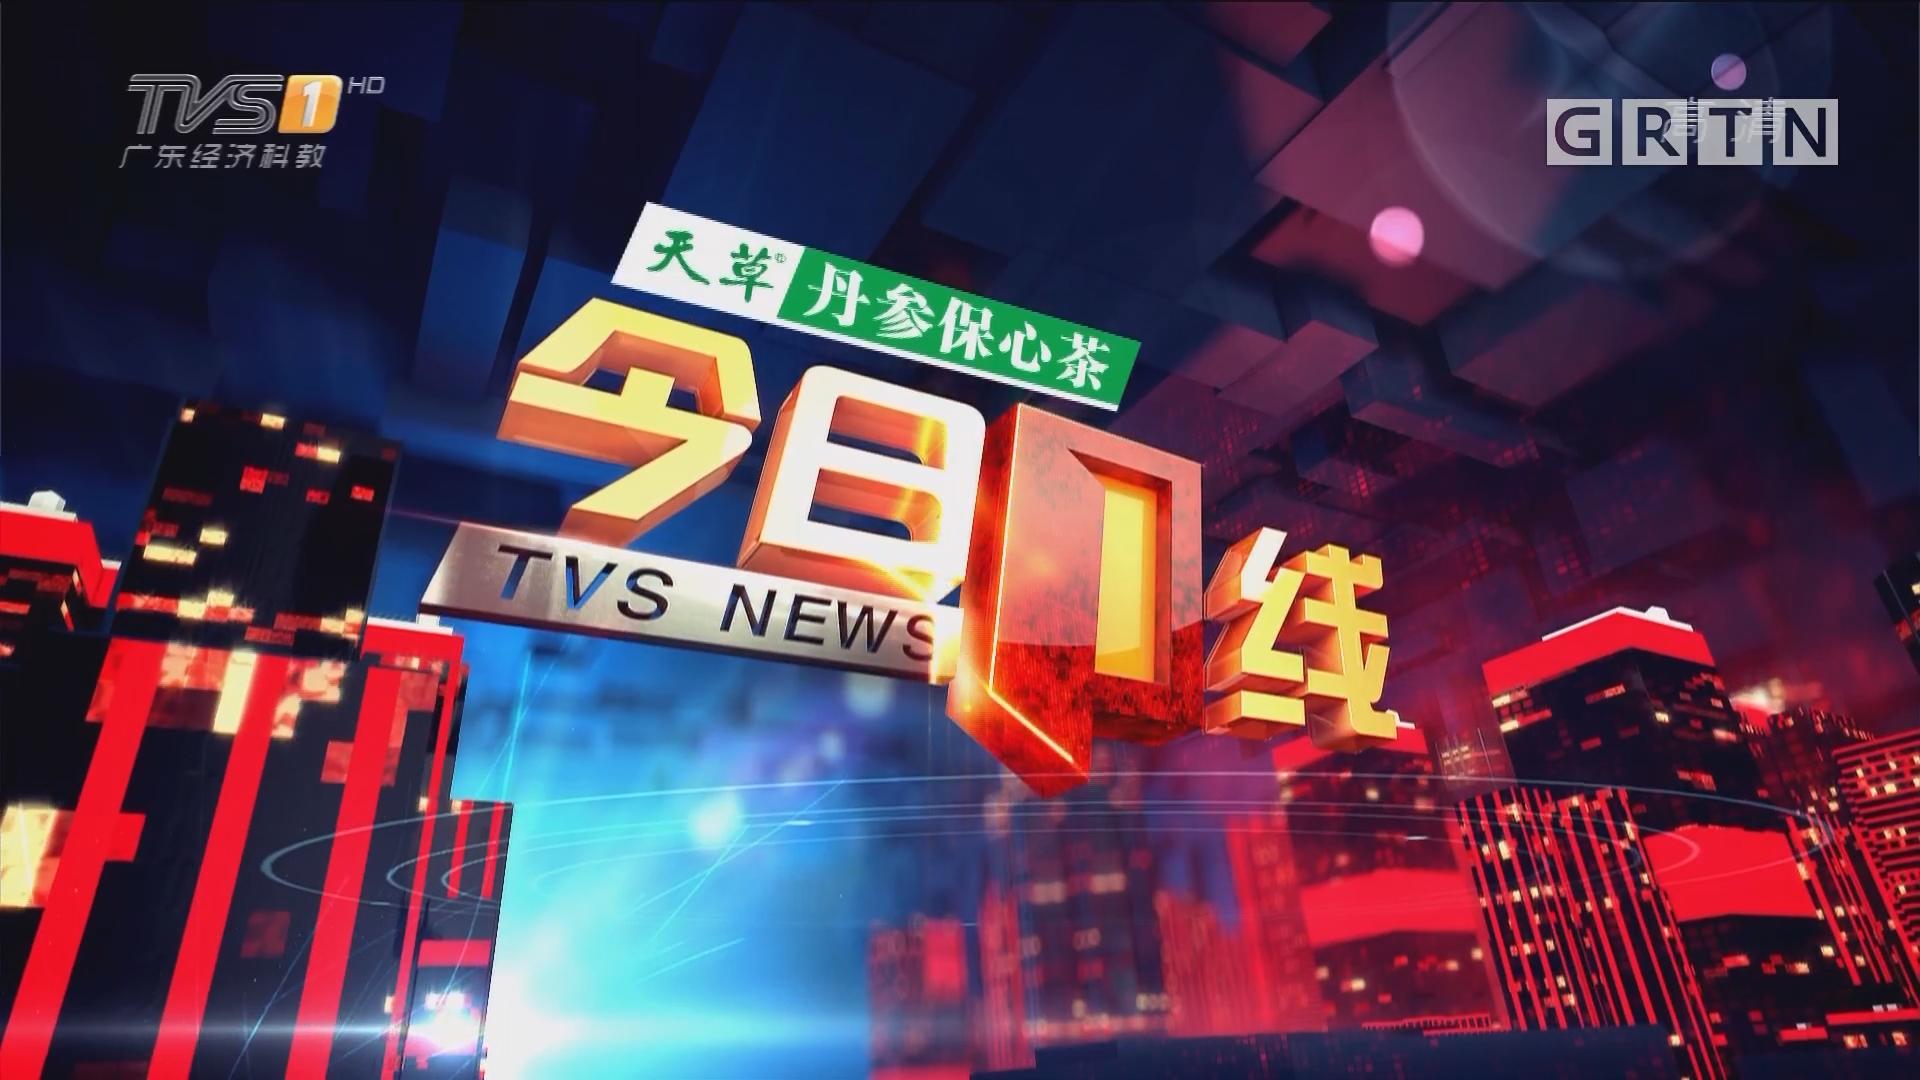 [HD][2018-05-14]今日一线:揭阳普宁:幼儿园黑校巴超员143% 交警及时查处